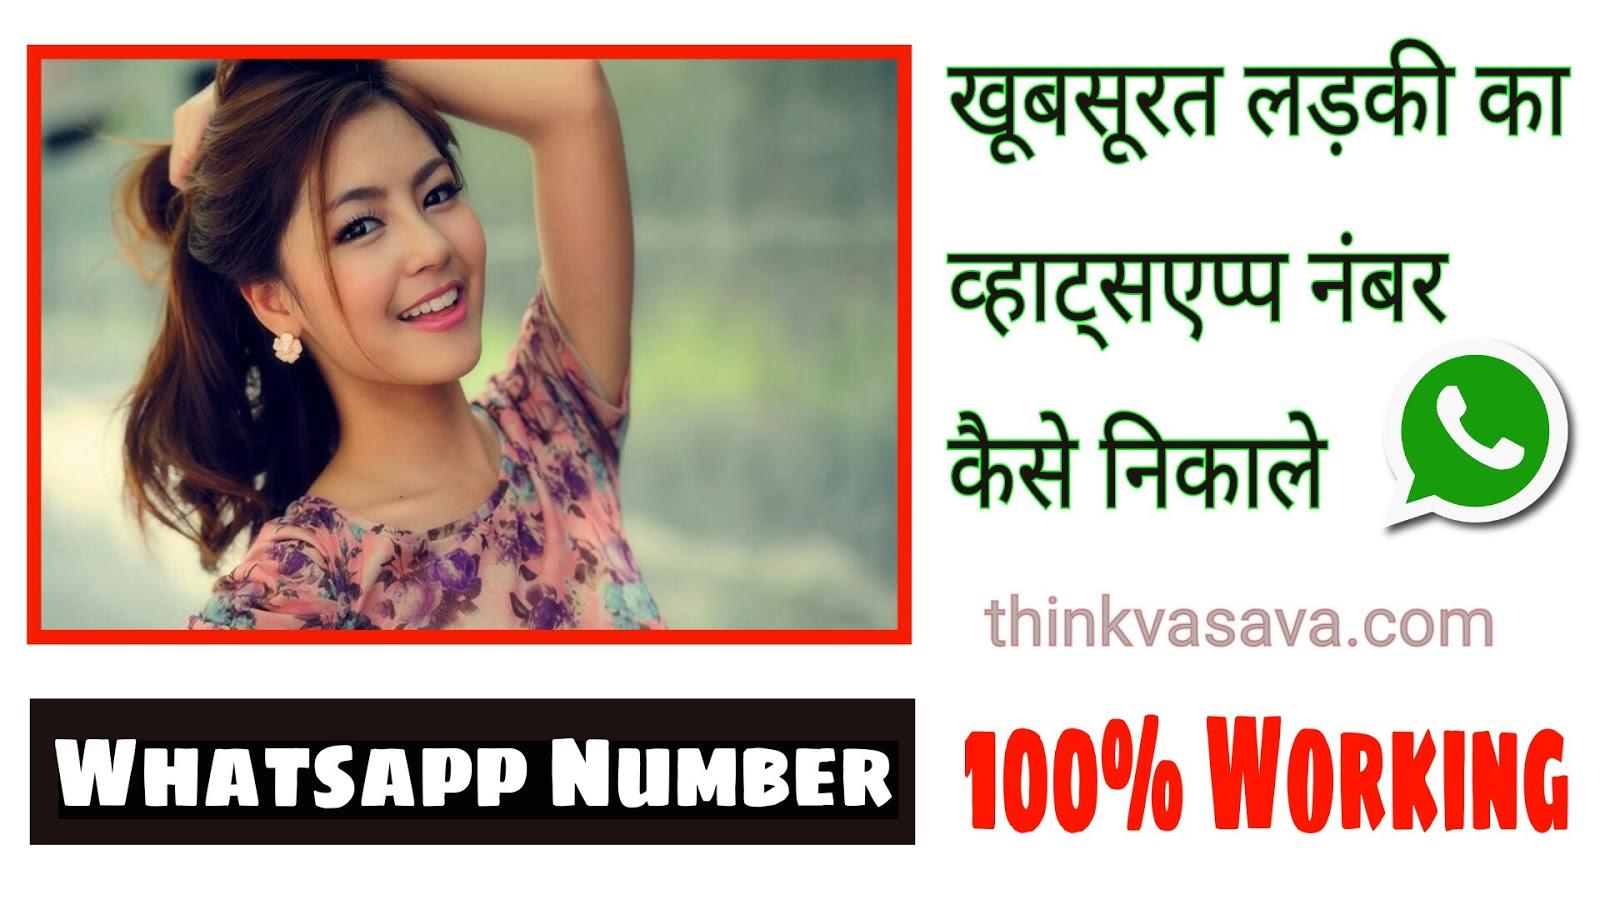 Khubsurat Ladki Ka Whatsapp Number Kaise Nikale